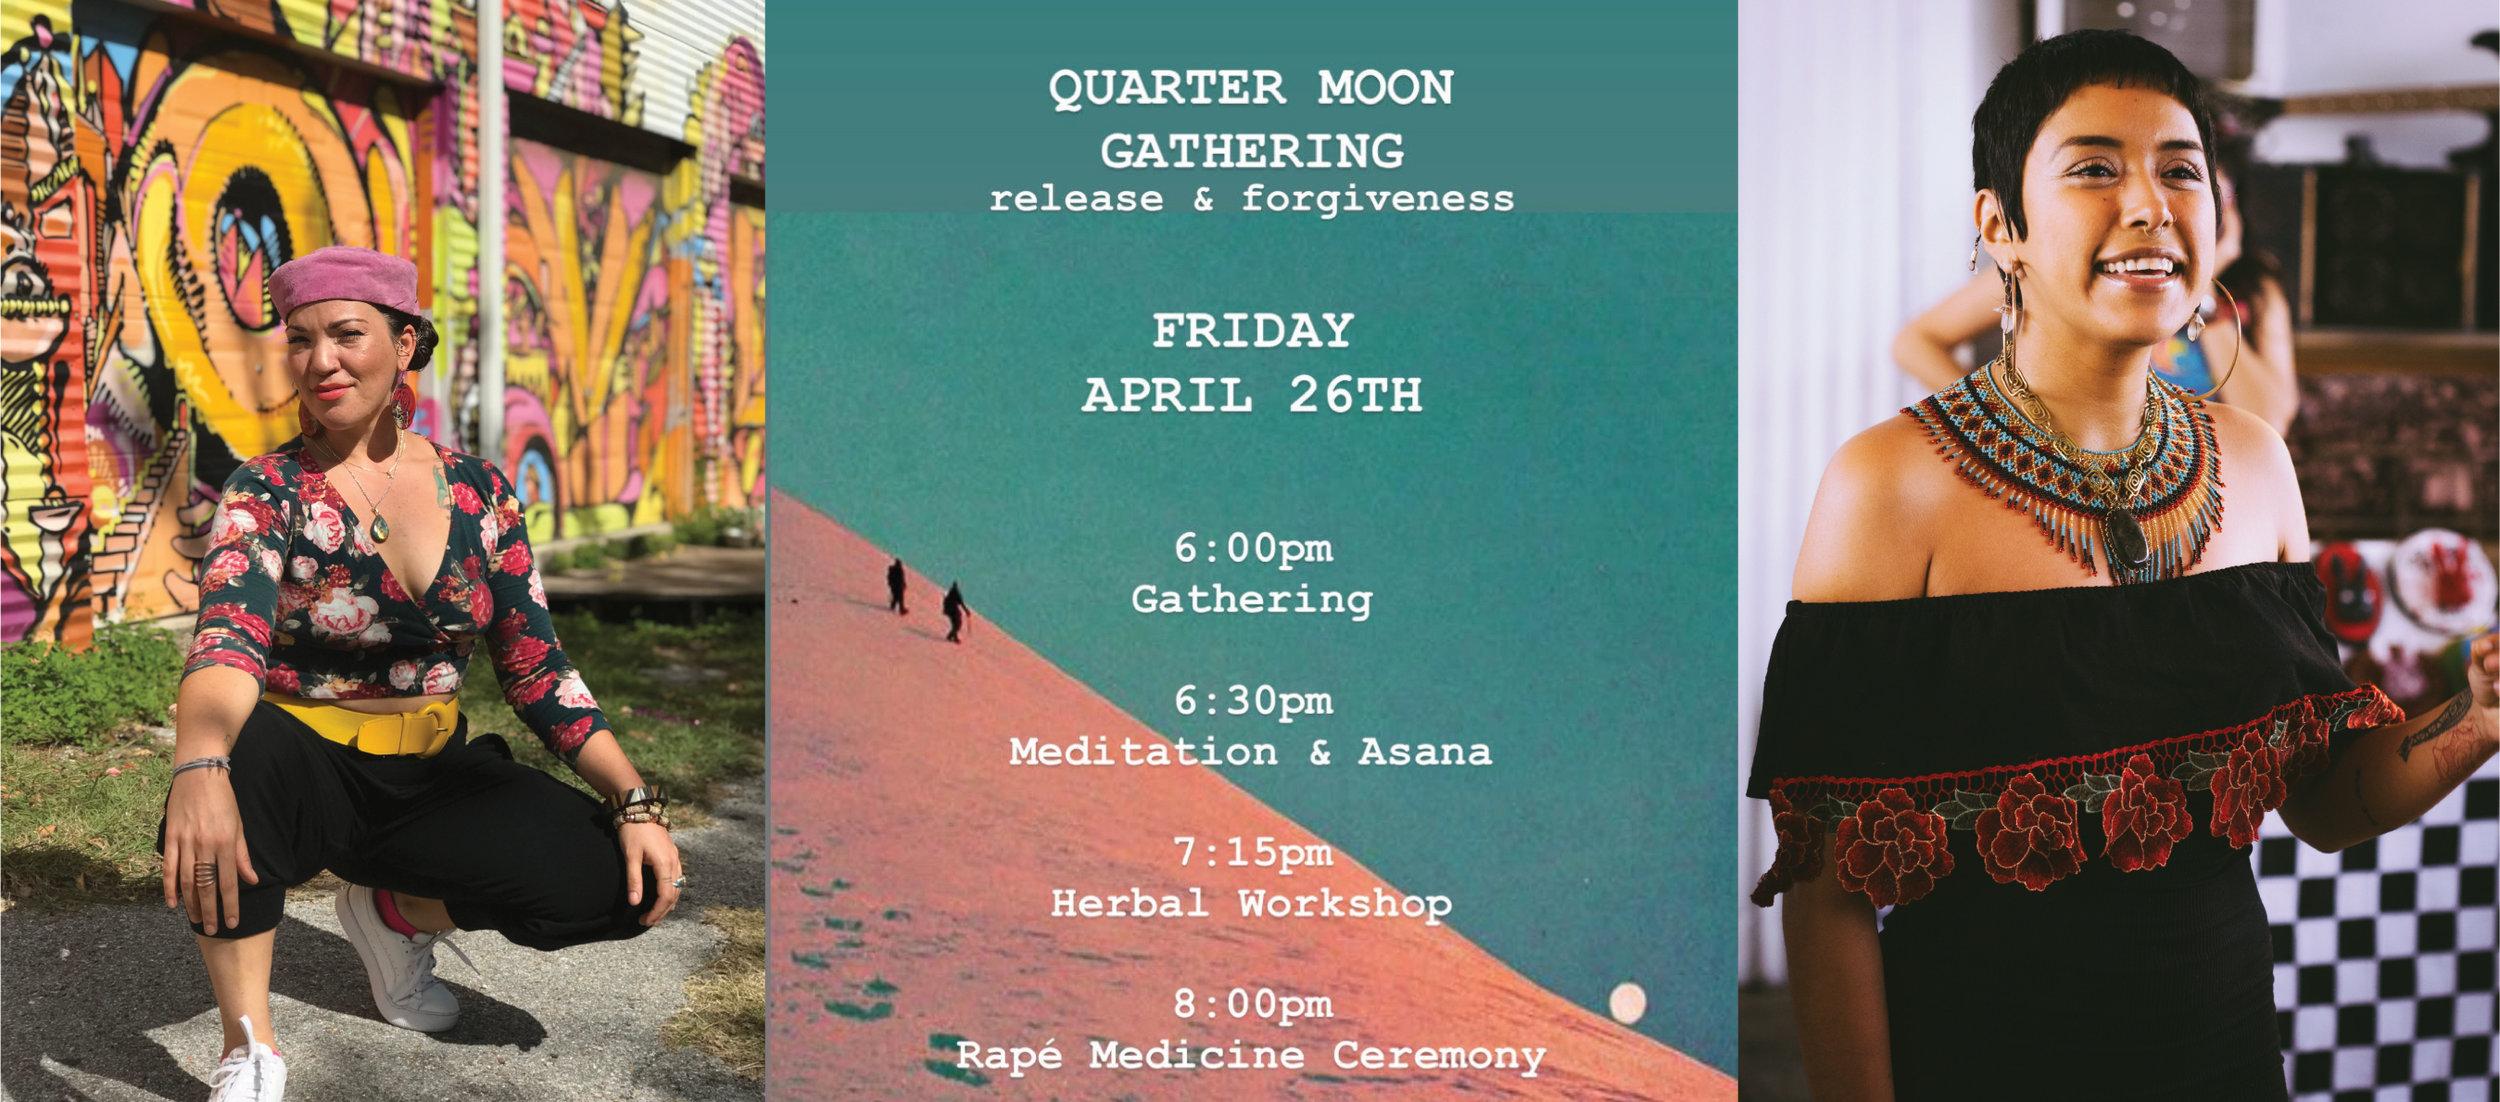 Moon Gathering Flyer courtesy Leticia Contreras.